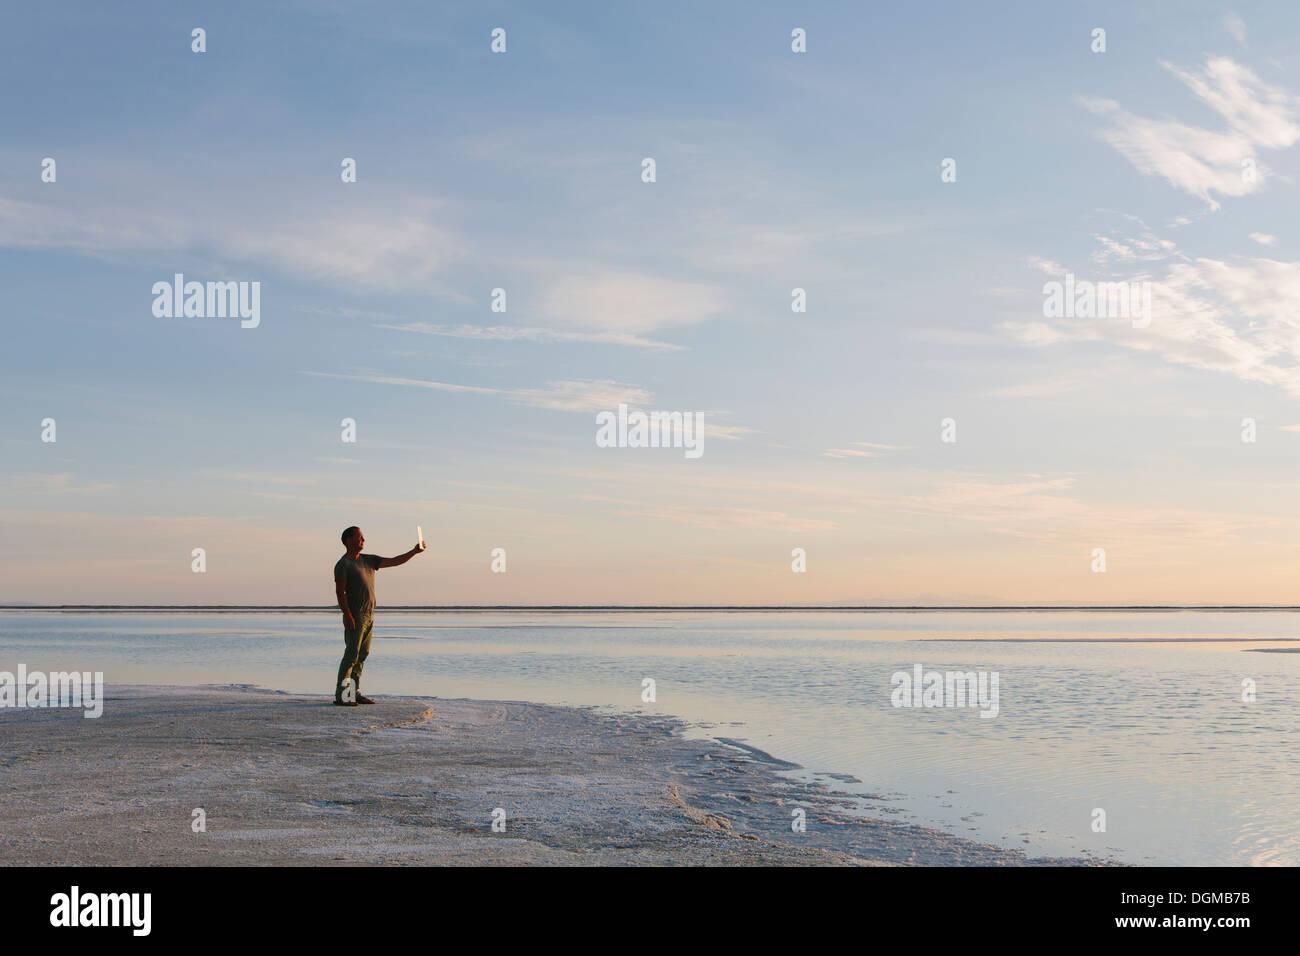 Ein Mann steht am Rand des überfluteten Bonneville Salt Flats in der Abenddämmerung, Fotografieren mit einem Tablet-Gerät. Stockbild